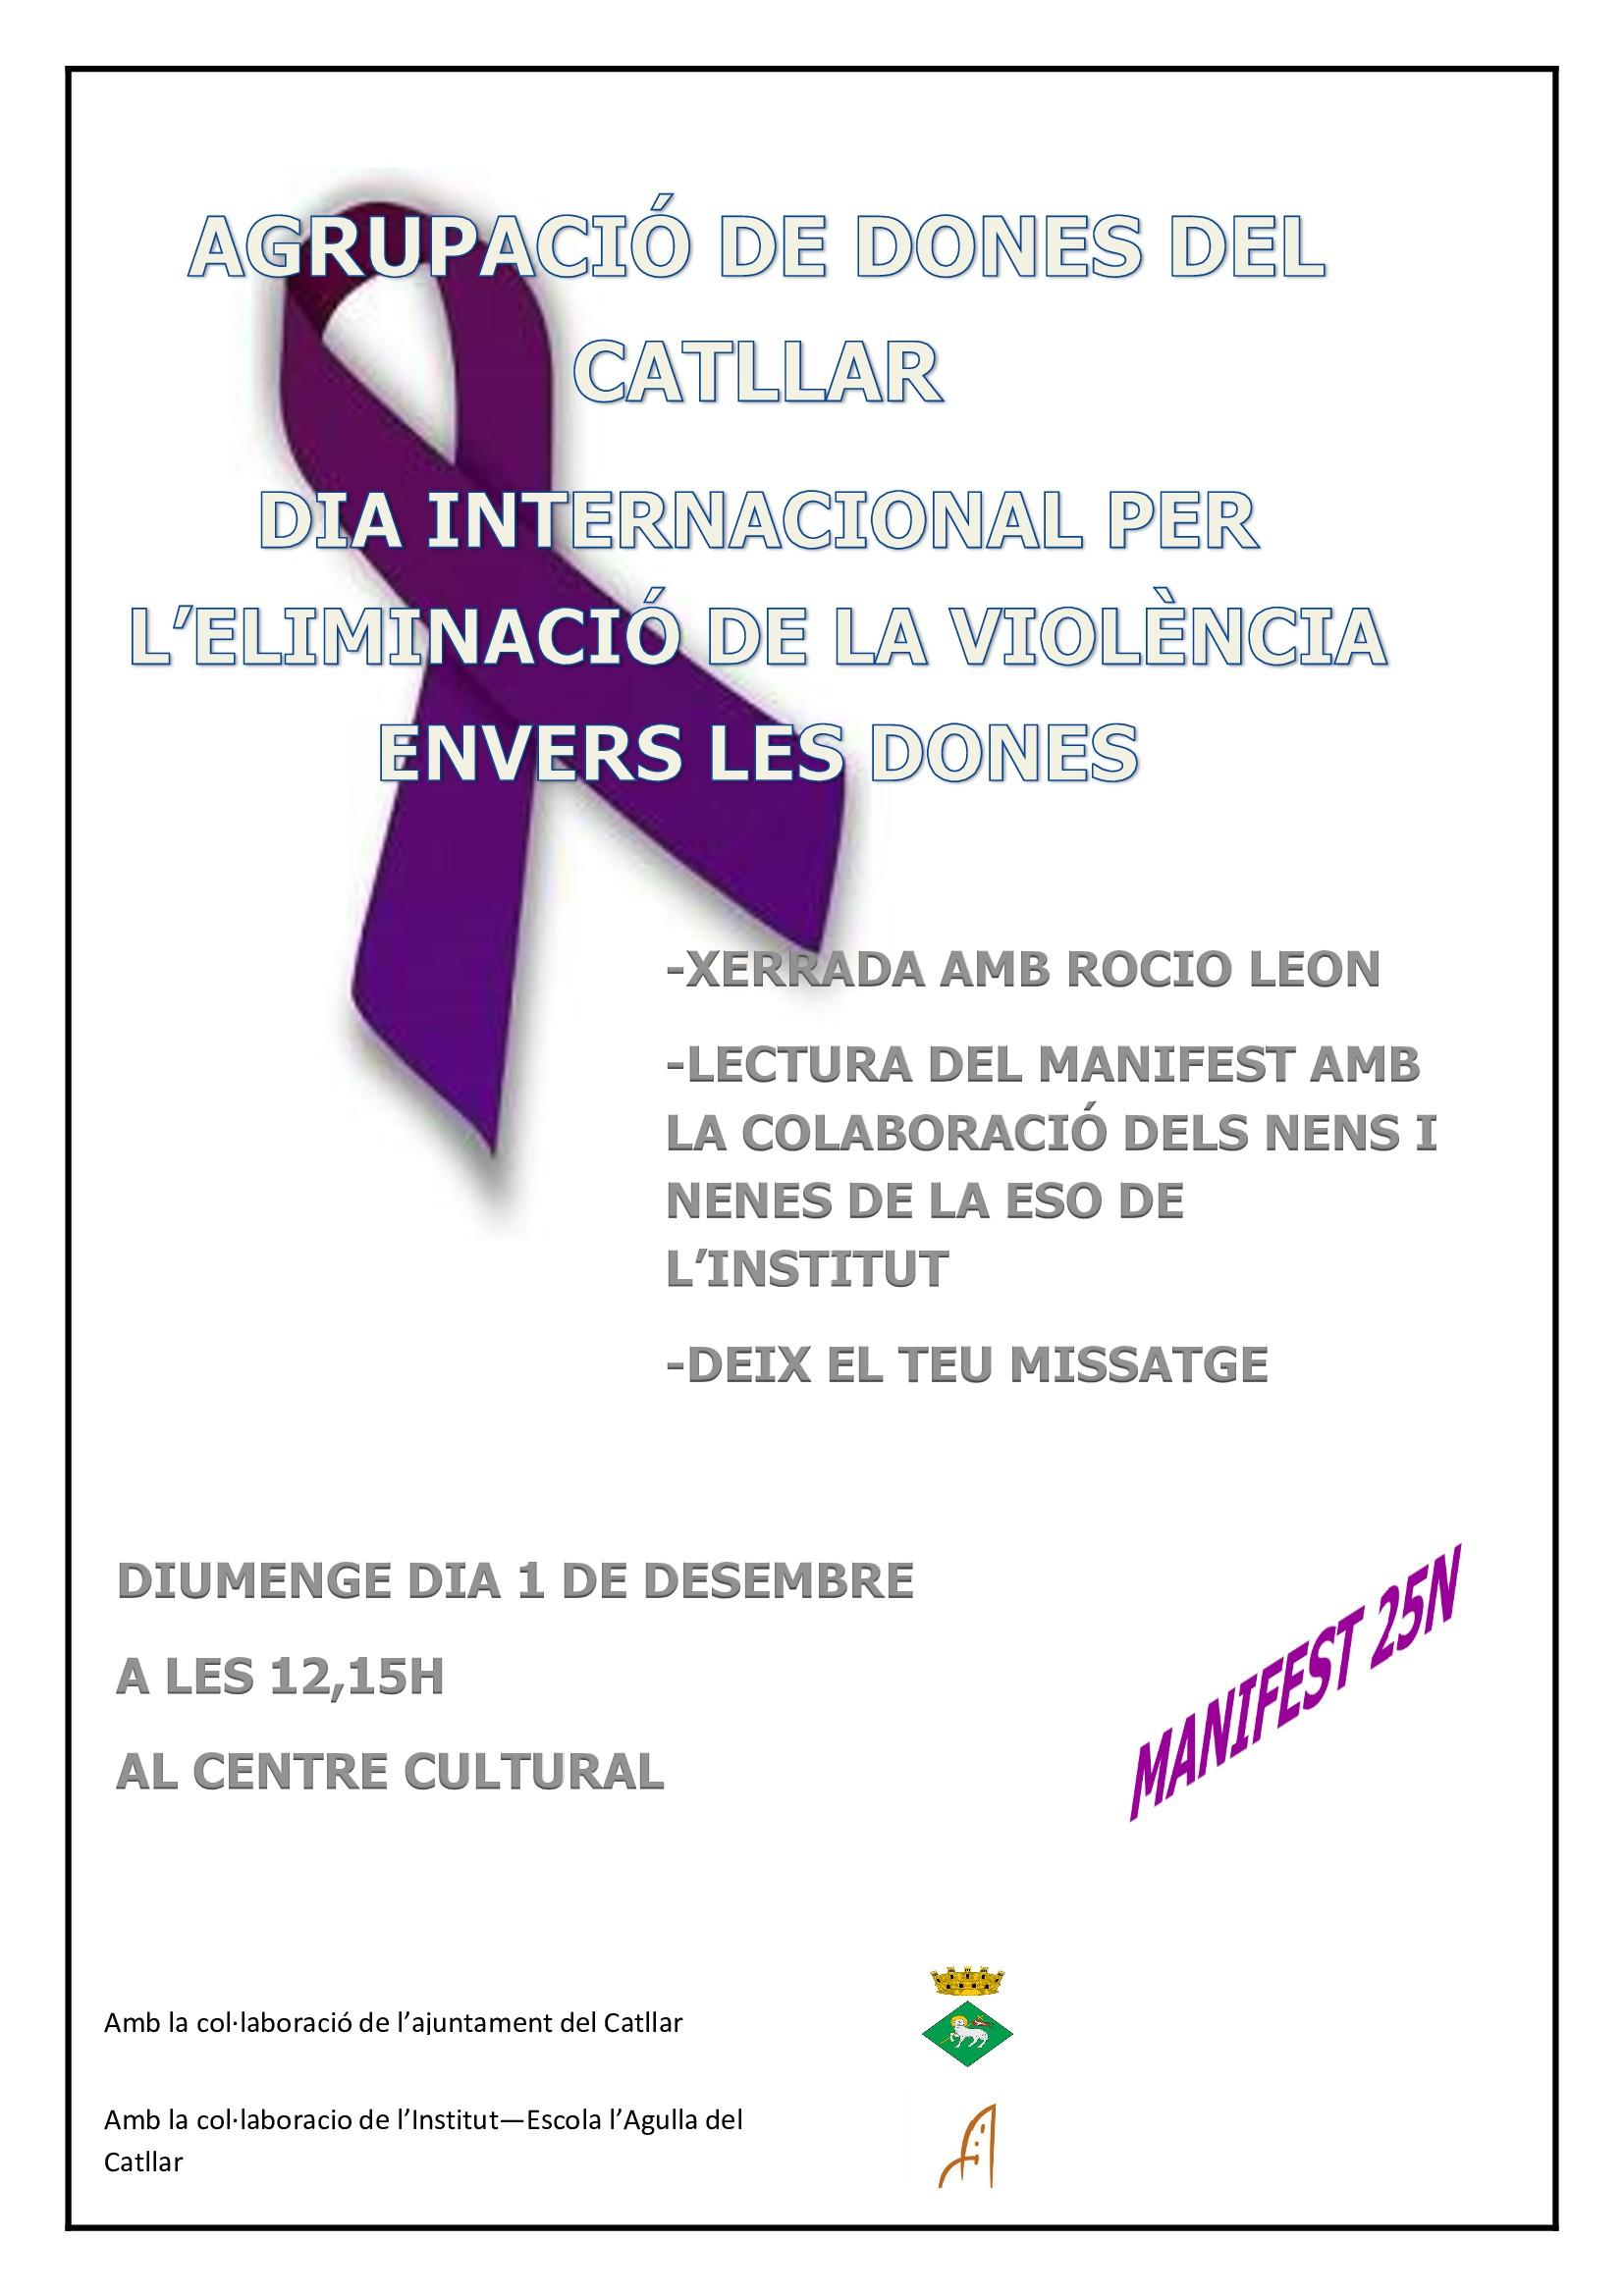 DIA INTERNACIONAL PER L'ELIMINACIÓ DE LA VIOLÈNCIA ENVERS LES DONES 1/12/2019